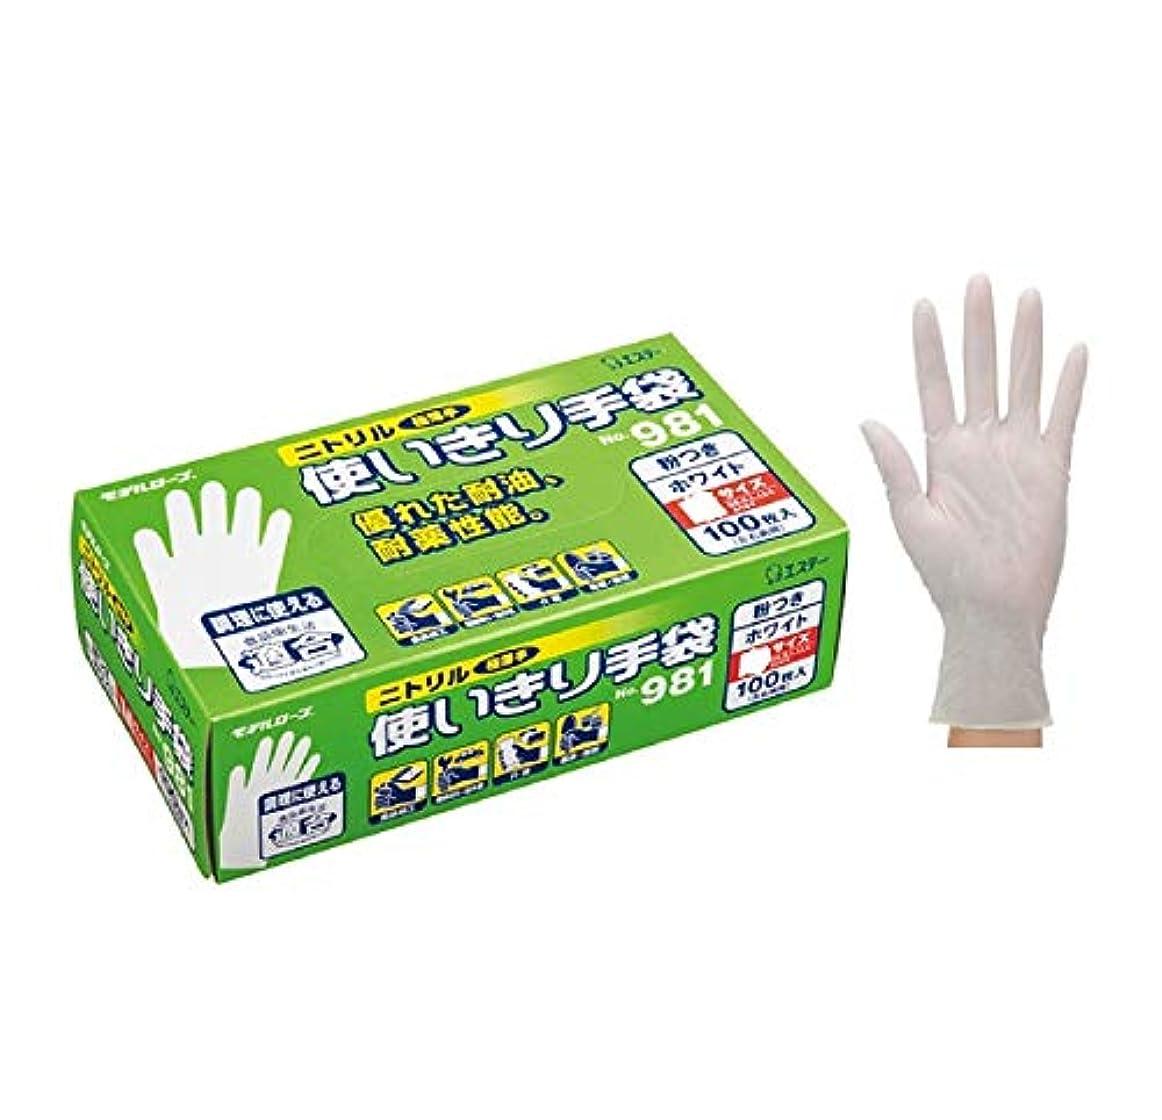 カスケードマダム悲観的エステー ニトリル手袋/作業用手袋 [粉付 No981/M 12箱]